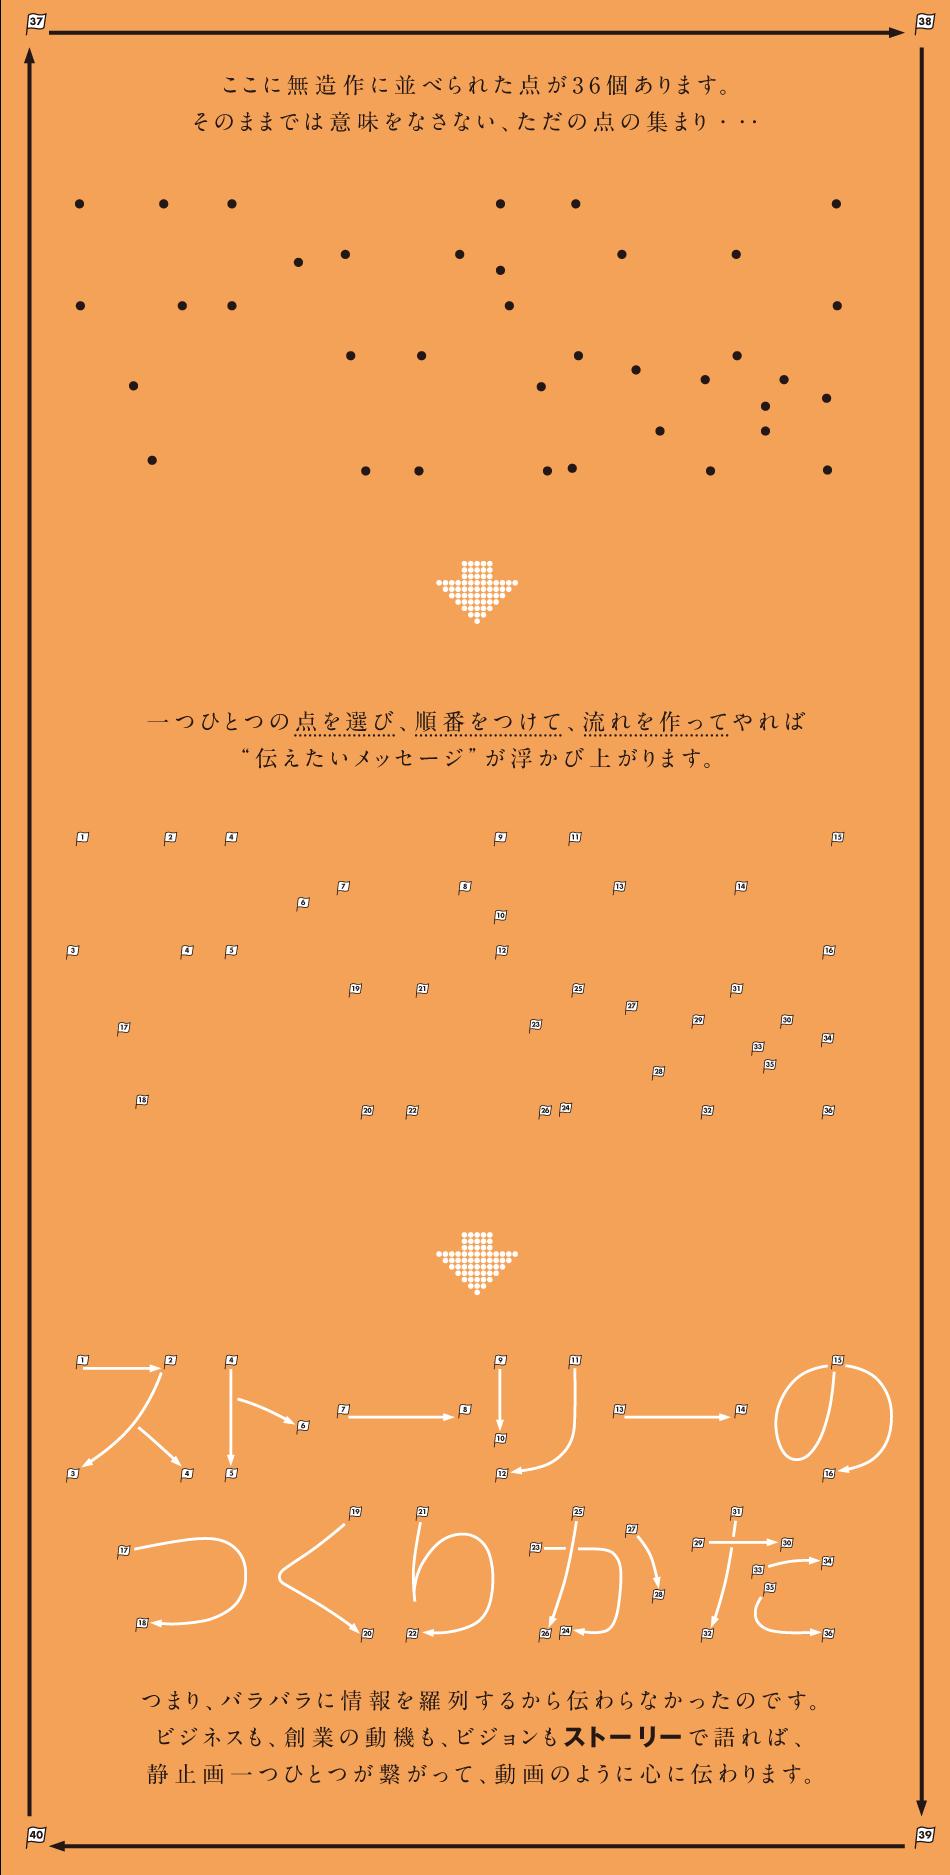 02-kouka_r5_c1